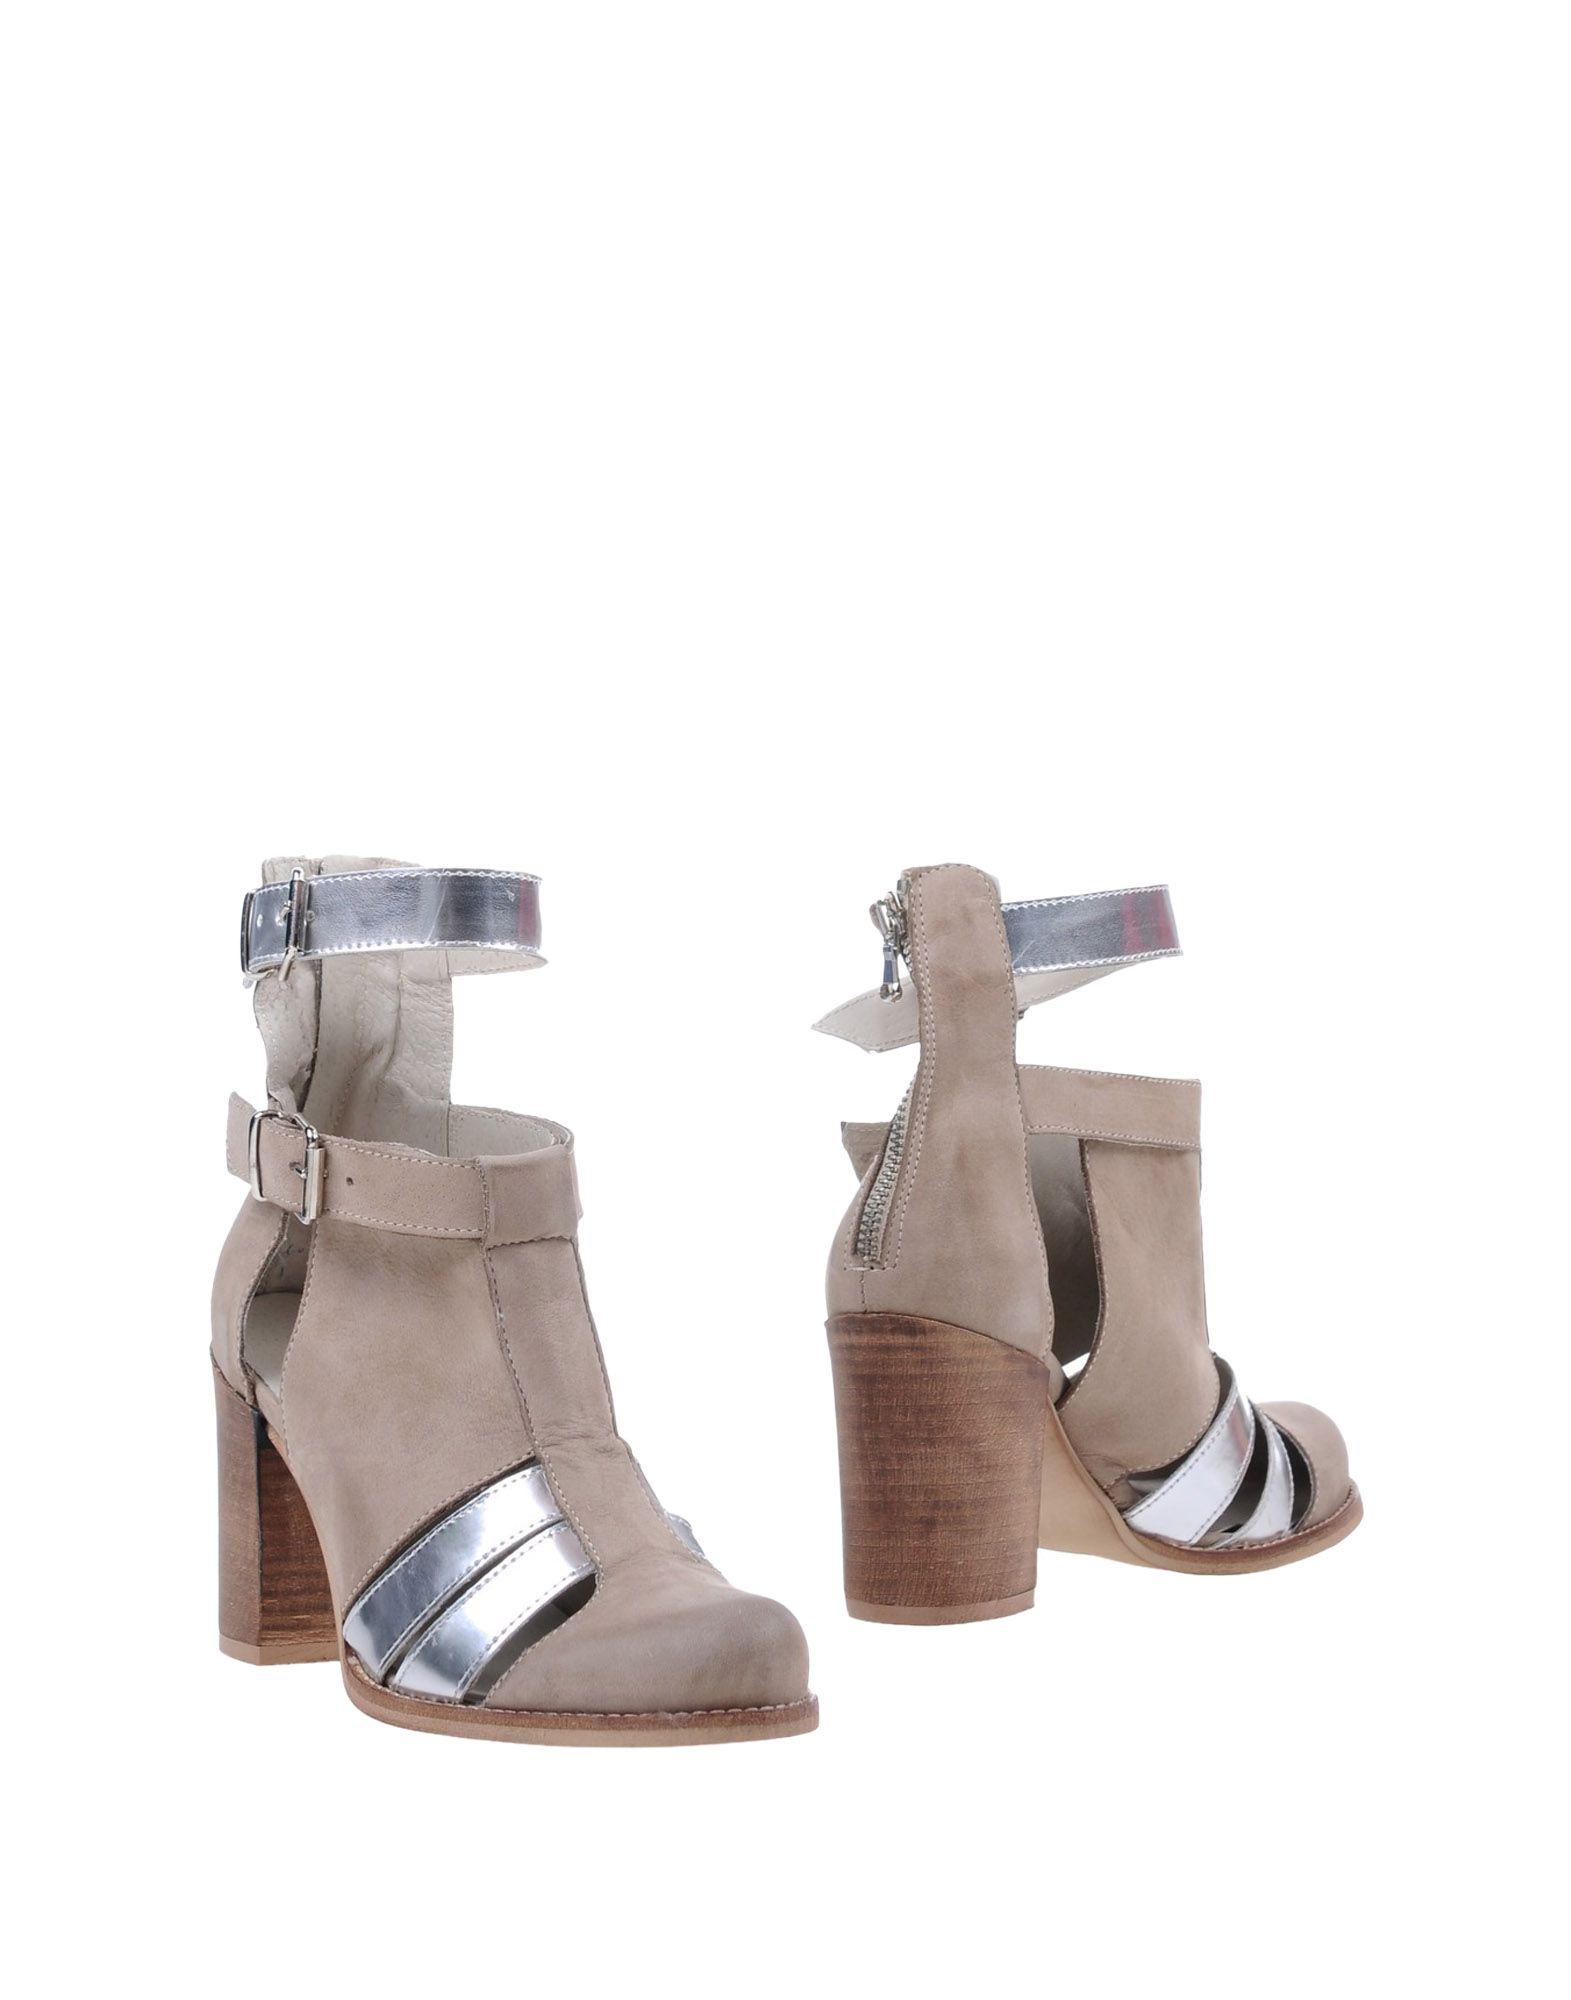 Geneve Stiefelette Damen  11373907GB Gute Qualität beliebte Schuhe